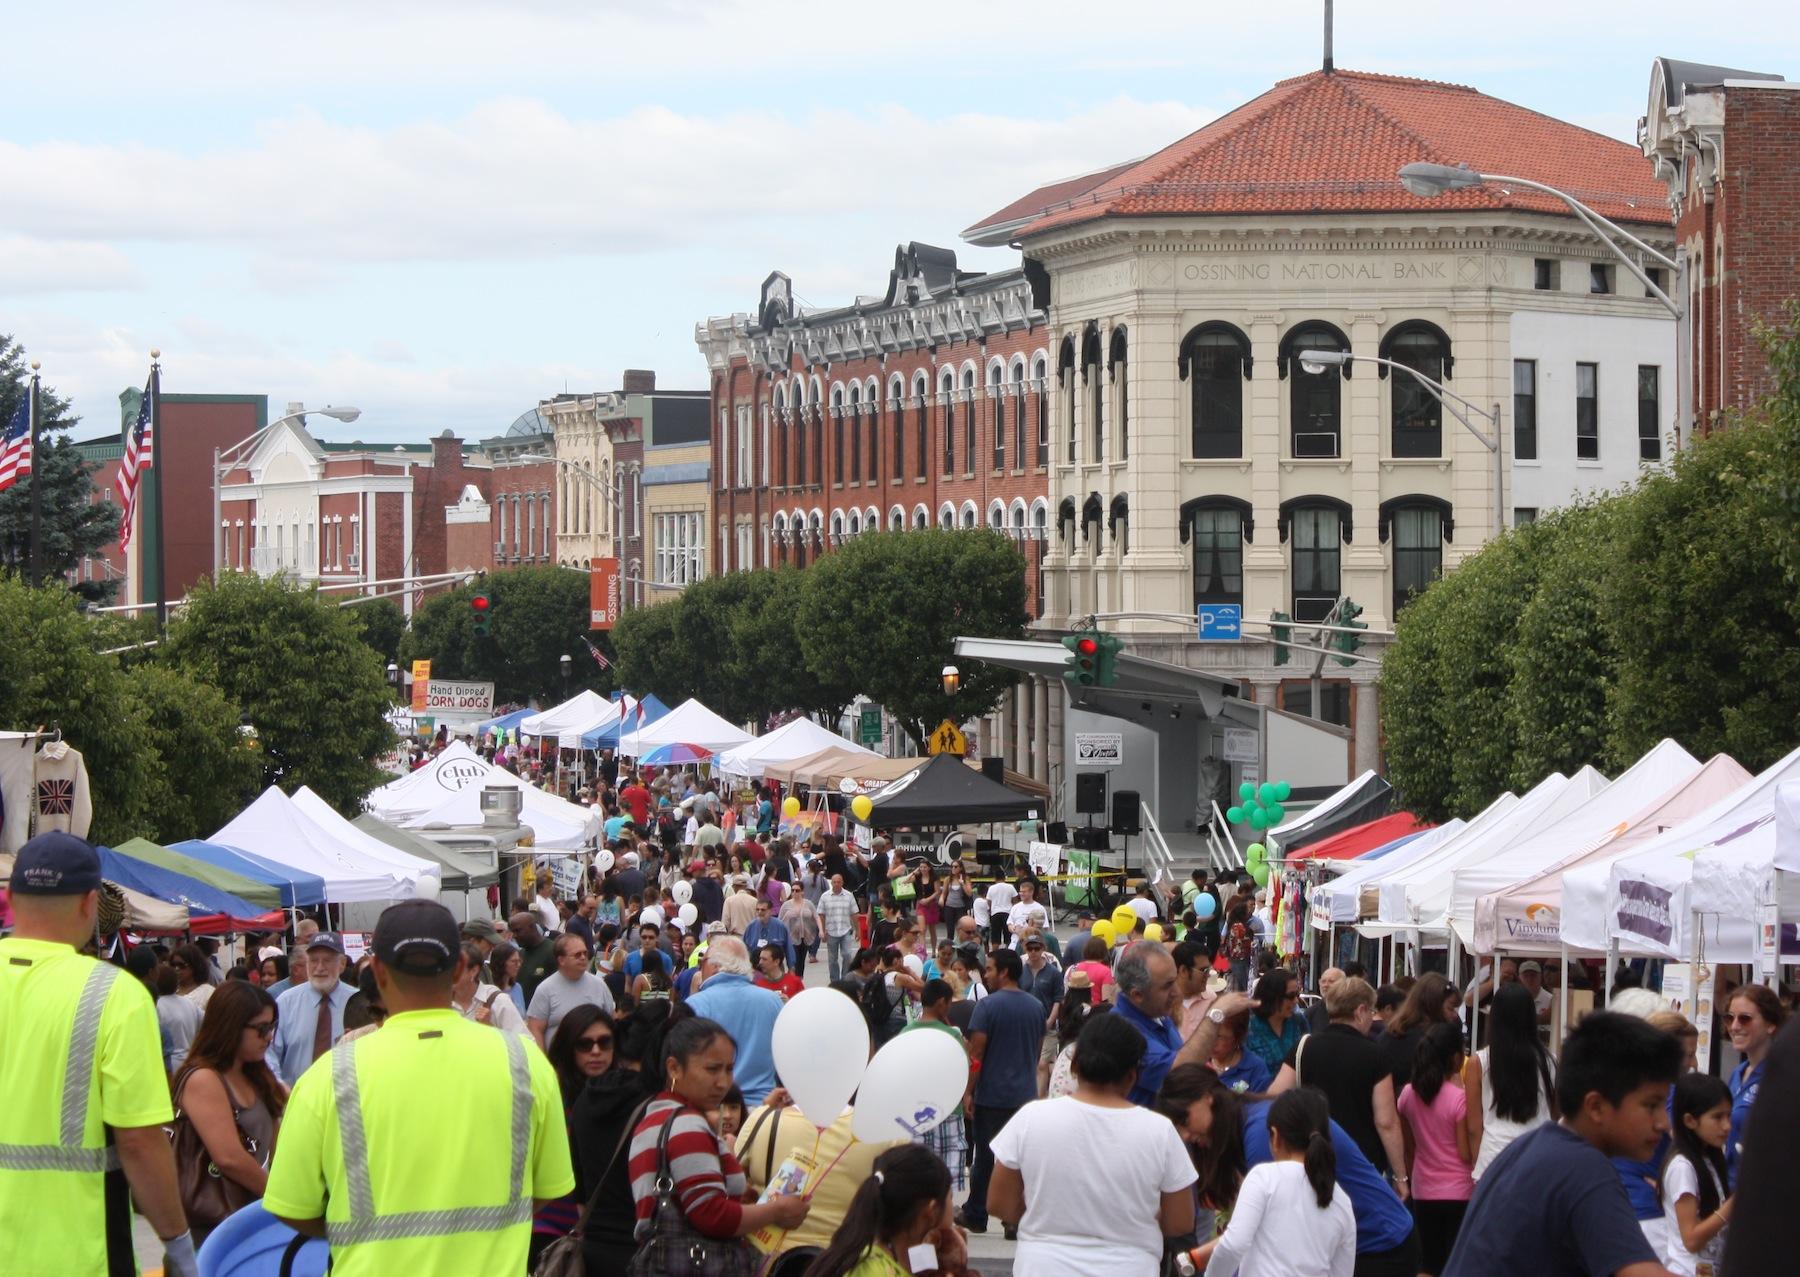 33rd Annual Ossining Village Fair Draws a Crowd of 15,000ossining village